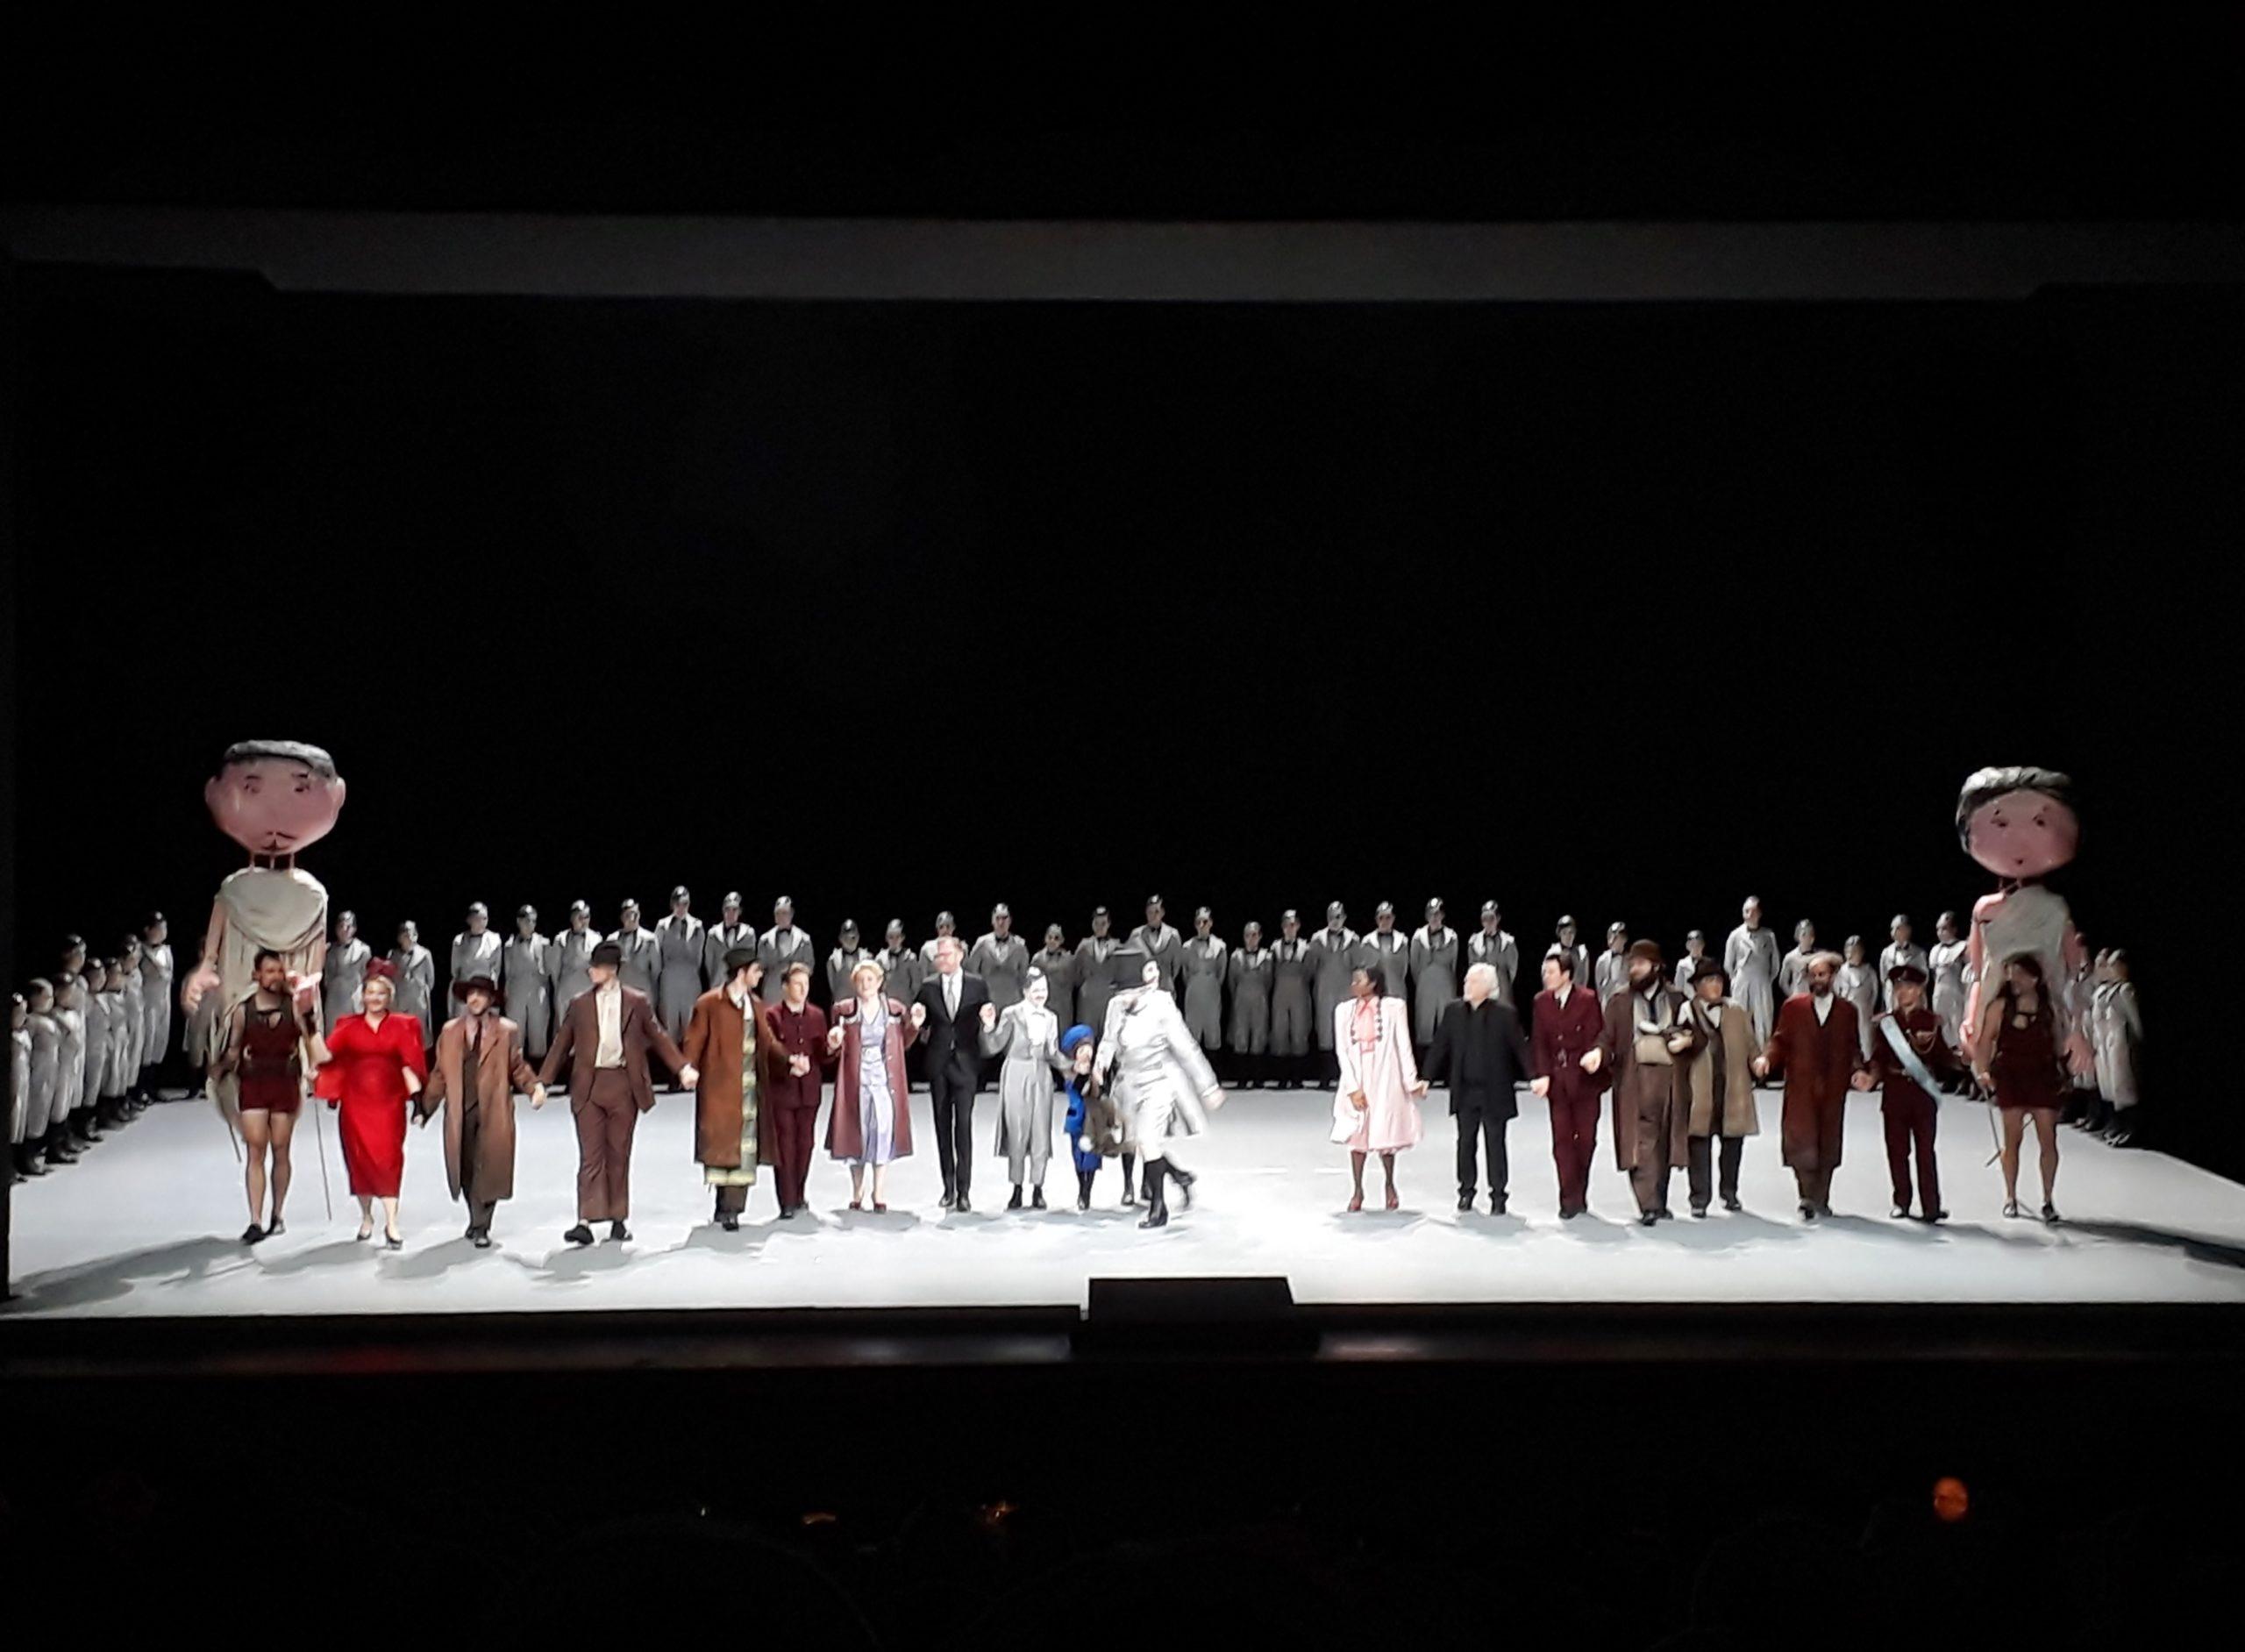 Menschen sind bunt, Elfen sind grau: »A Midsummer Night's Dream« von Benjamin Britten in der Deutschen Oper Berlin